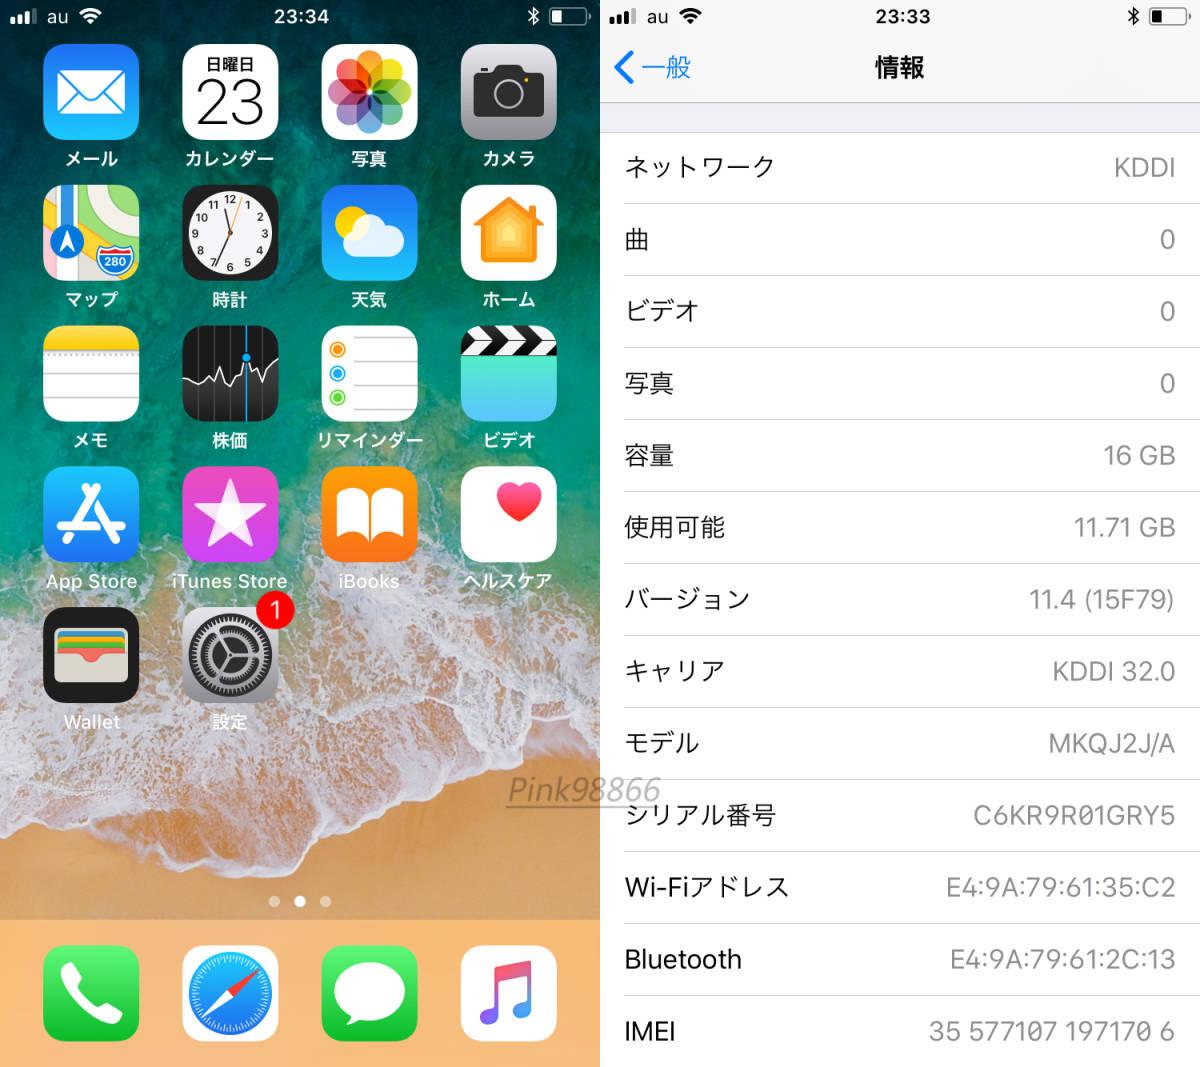 ☆人気☆au iPhone6S 16GB スペースグレイ/本体16G/格安MVNO SIM使用可能/格安SIM月額700円から/IOS11.4/電池最大容量87%_画像5